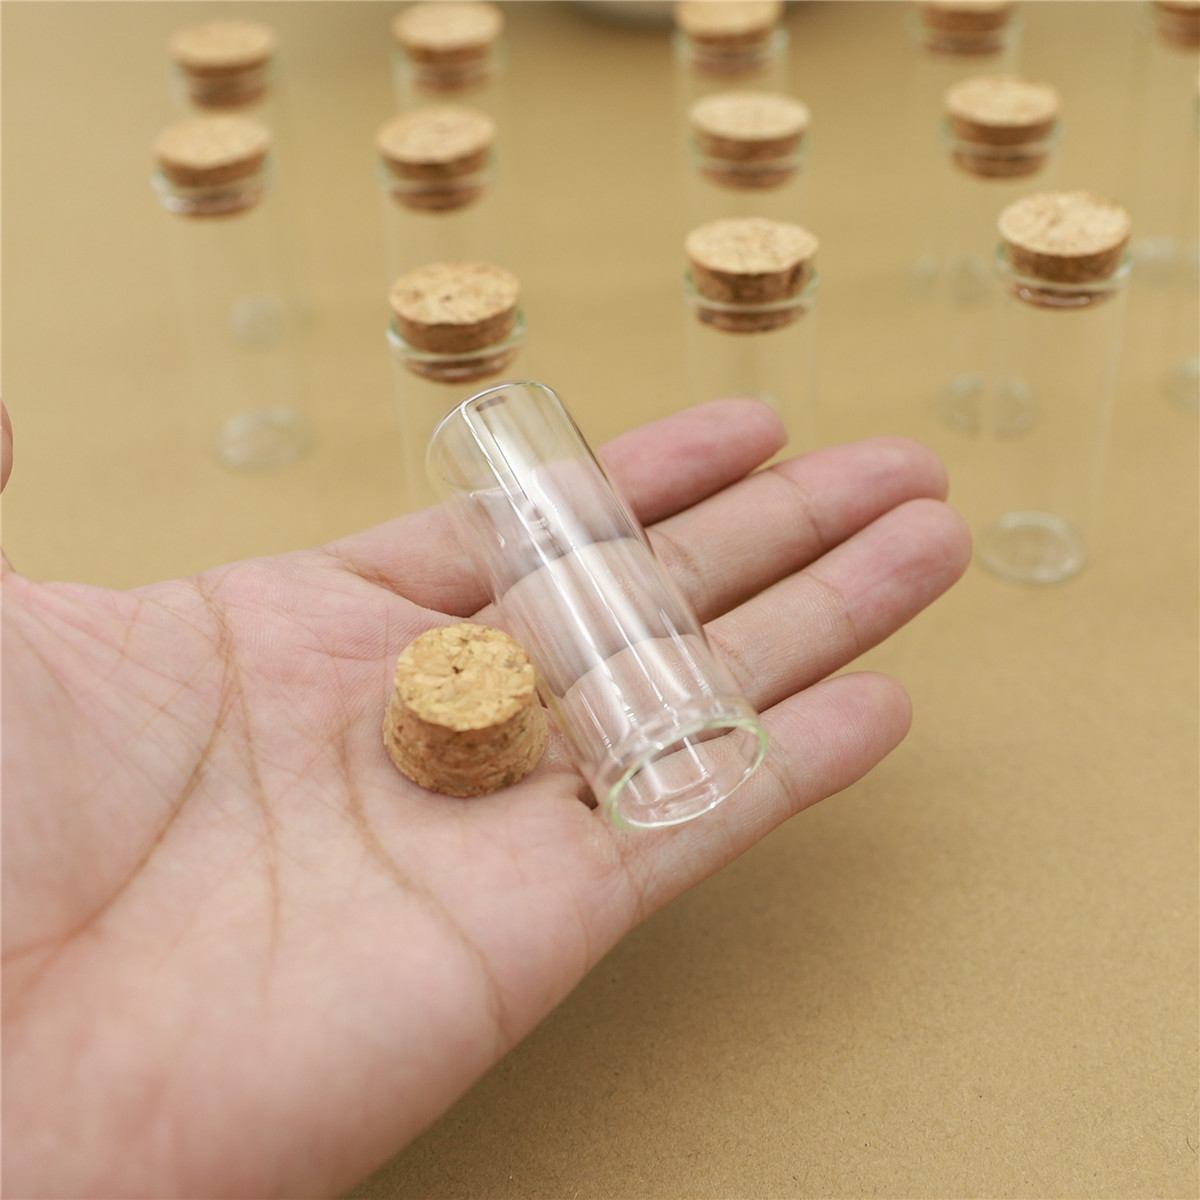 50pcs 12ml 22*60mm Mini Glass Cork Bottles Test Tube Stopper Spice Bottles Container Small DIY Jars Vials Tiny Bottle glass